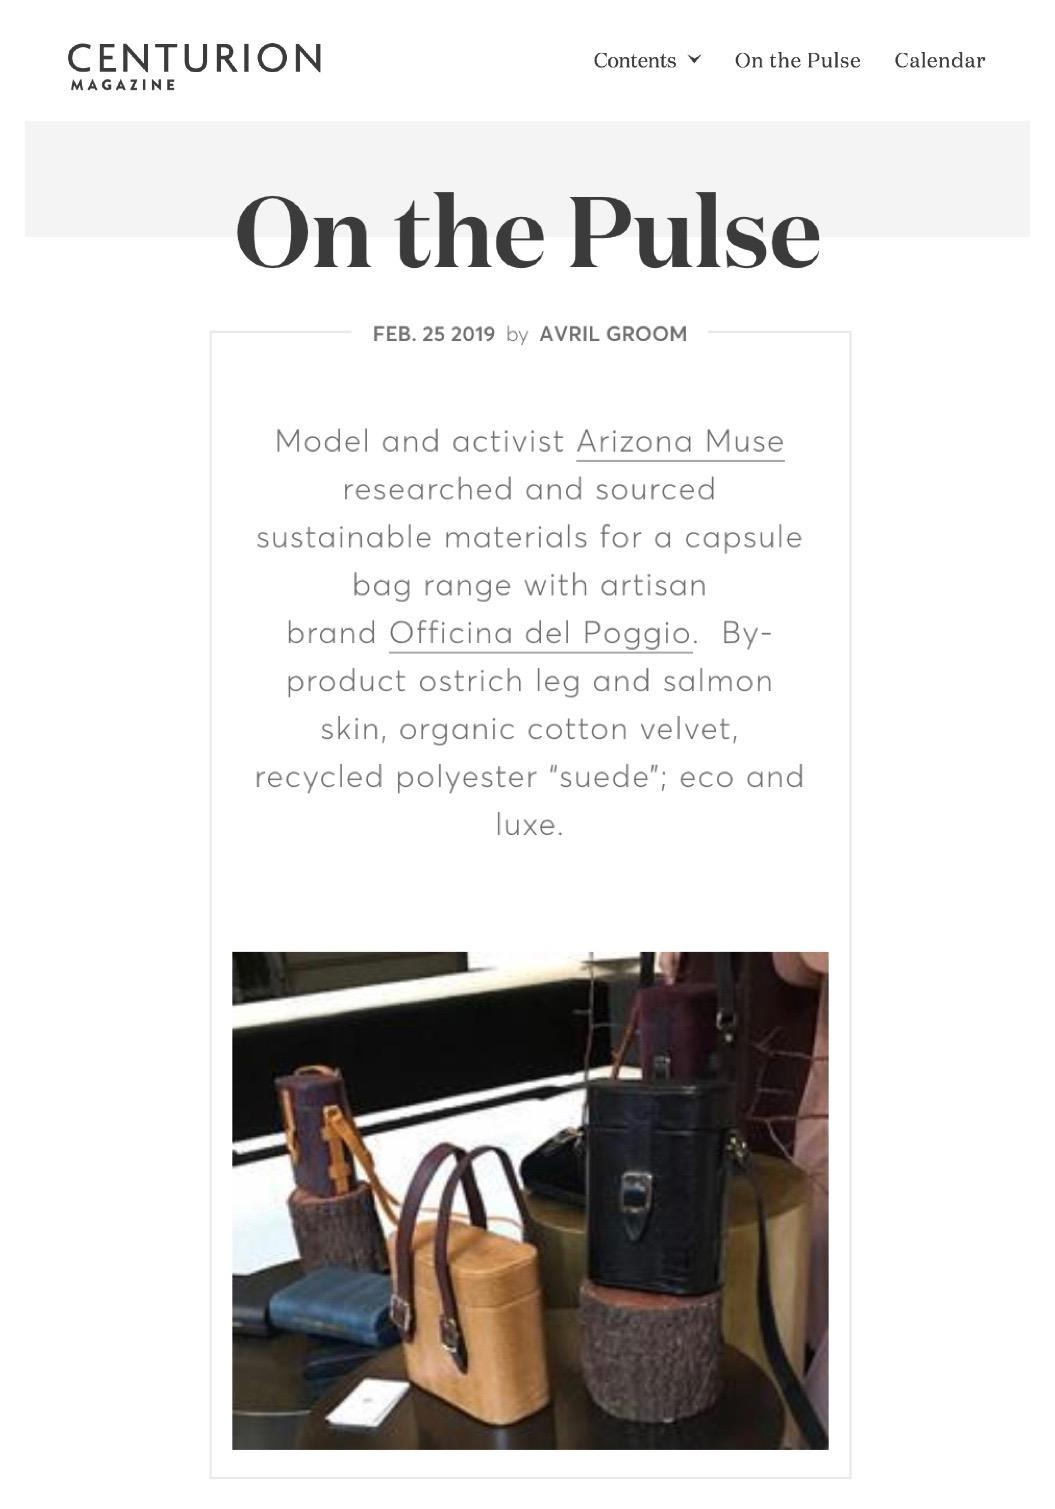 Centurion_Officina_del_Poggio_Arizona_Muse_Sustainability.jpg